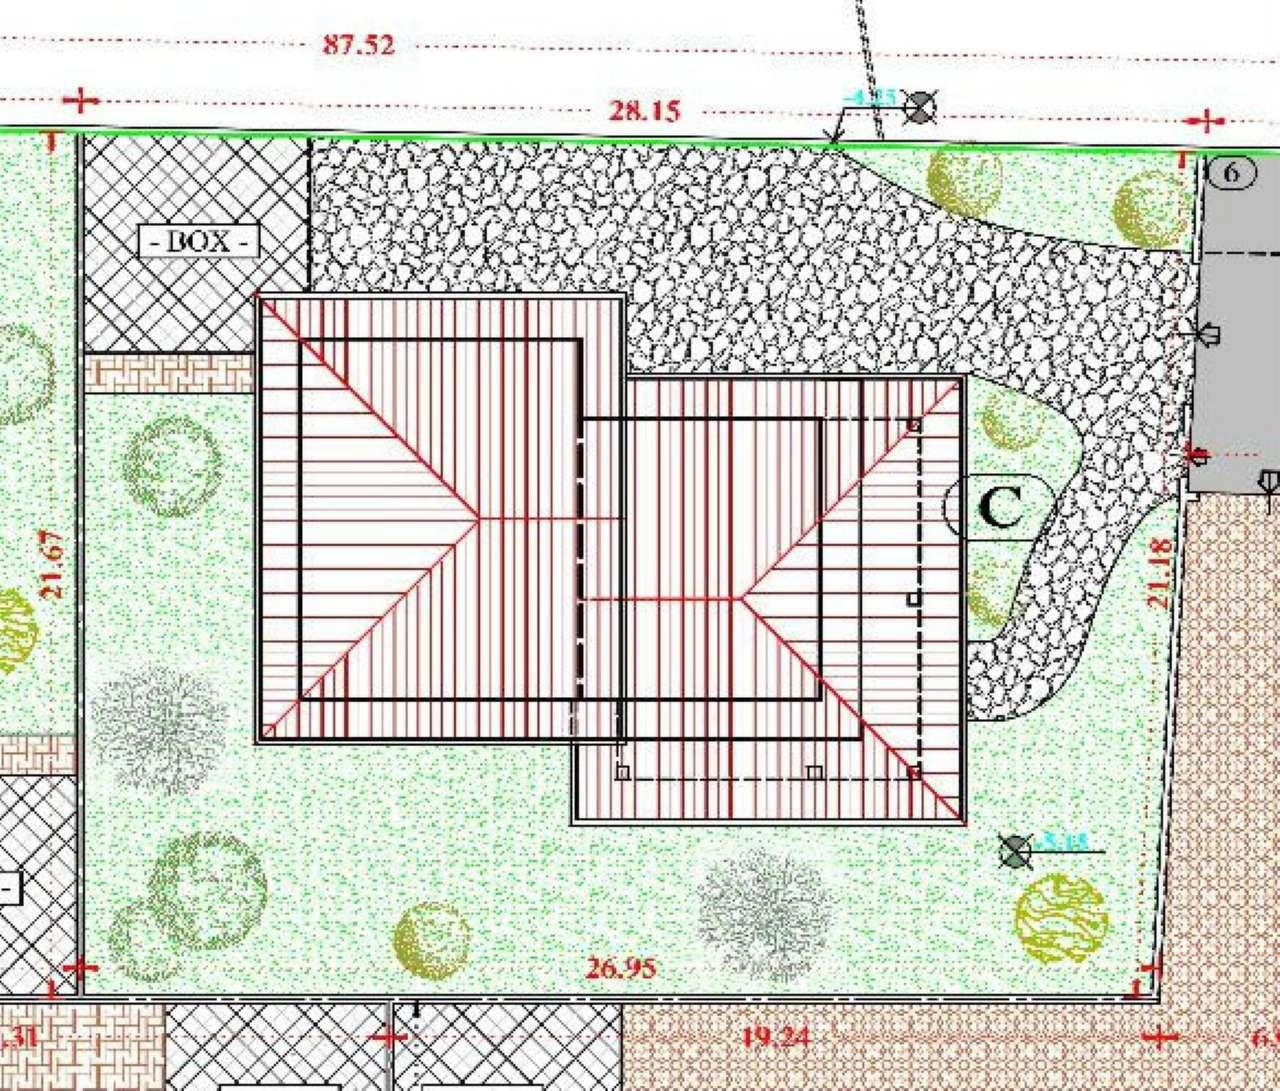 Terreno Edificabile Residenziale in vendita a Gorla Maggiore, 9999 locali, prezzo € 60.000 | CambioCasa.it